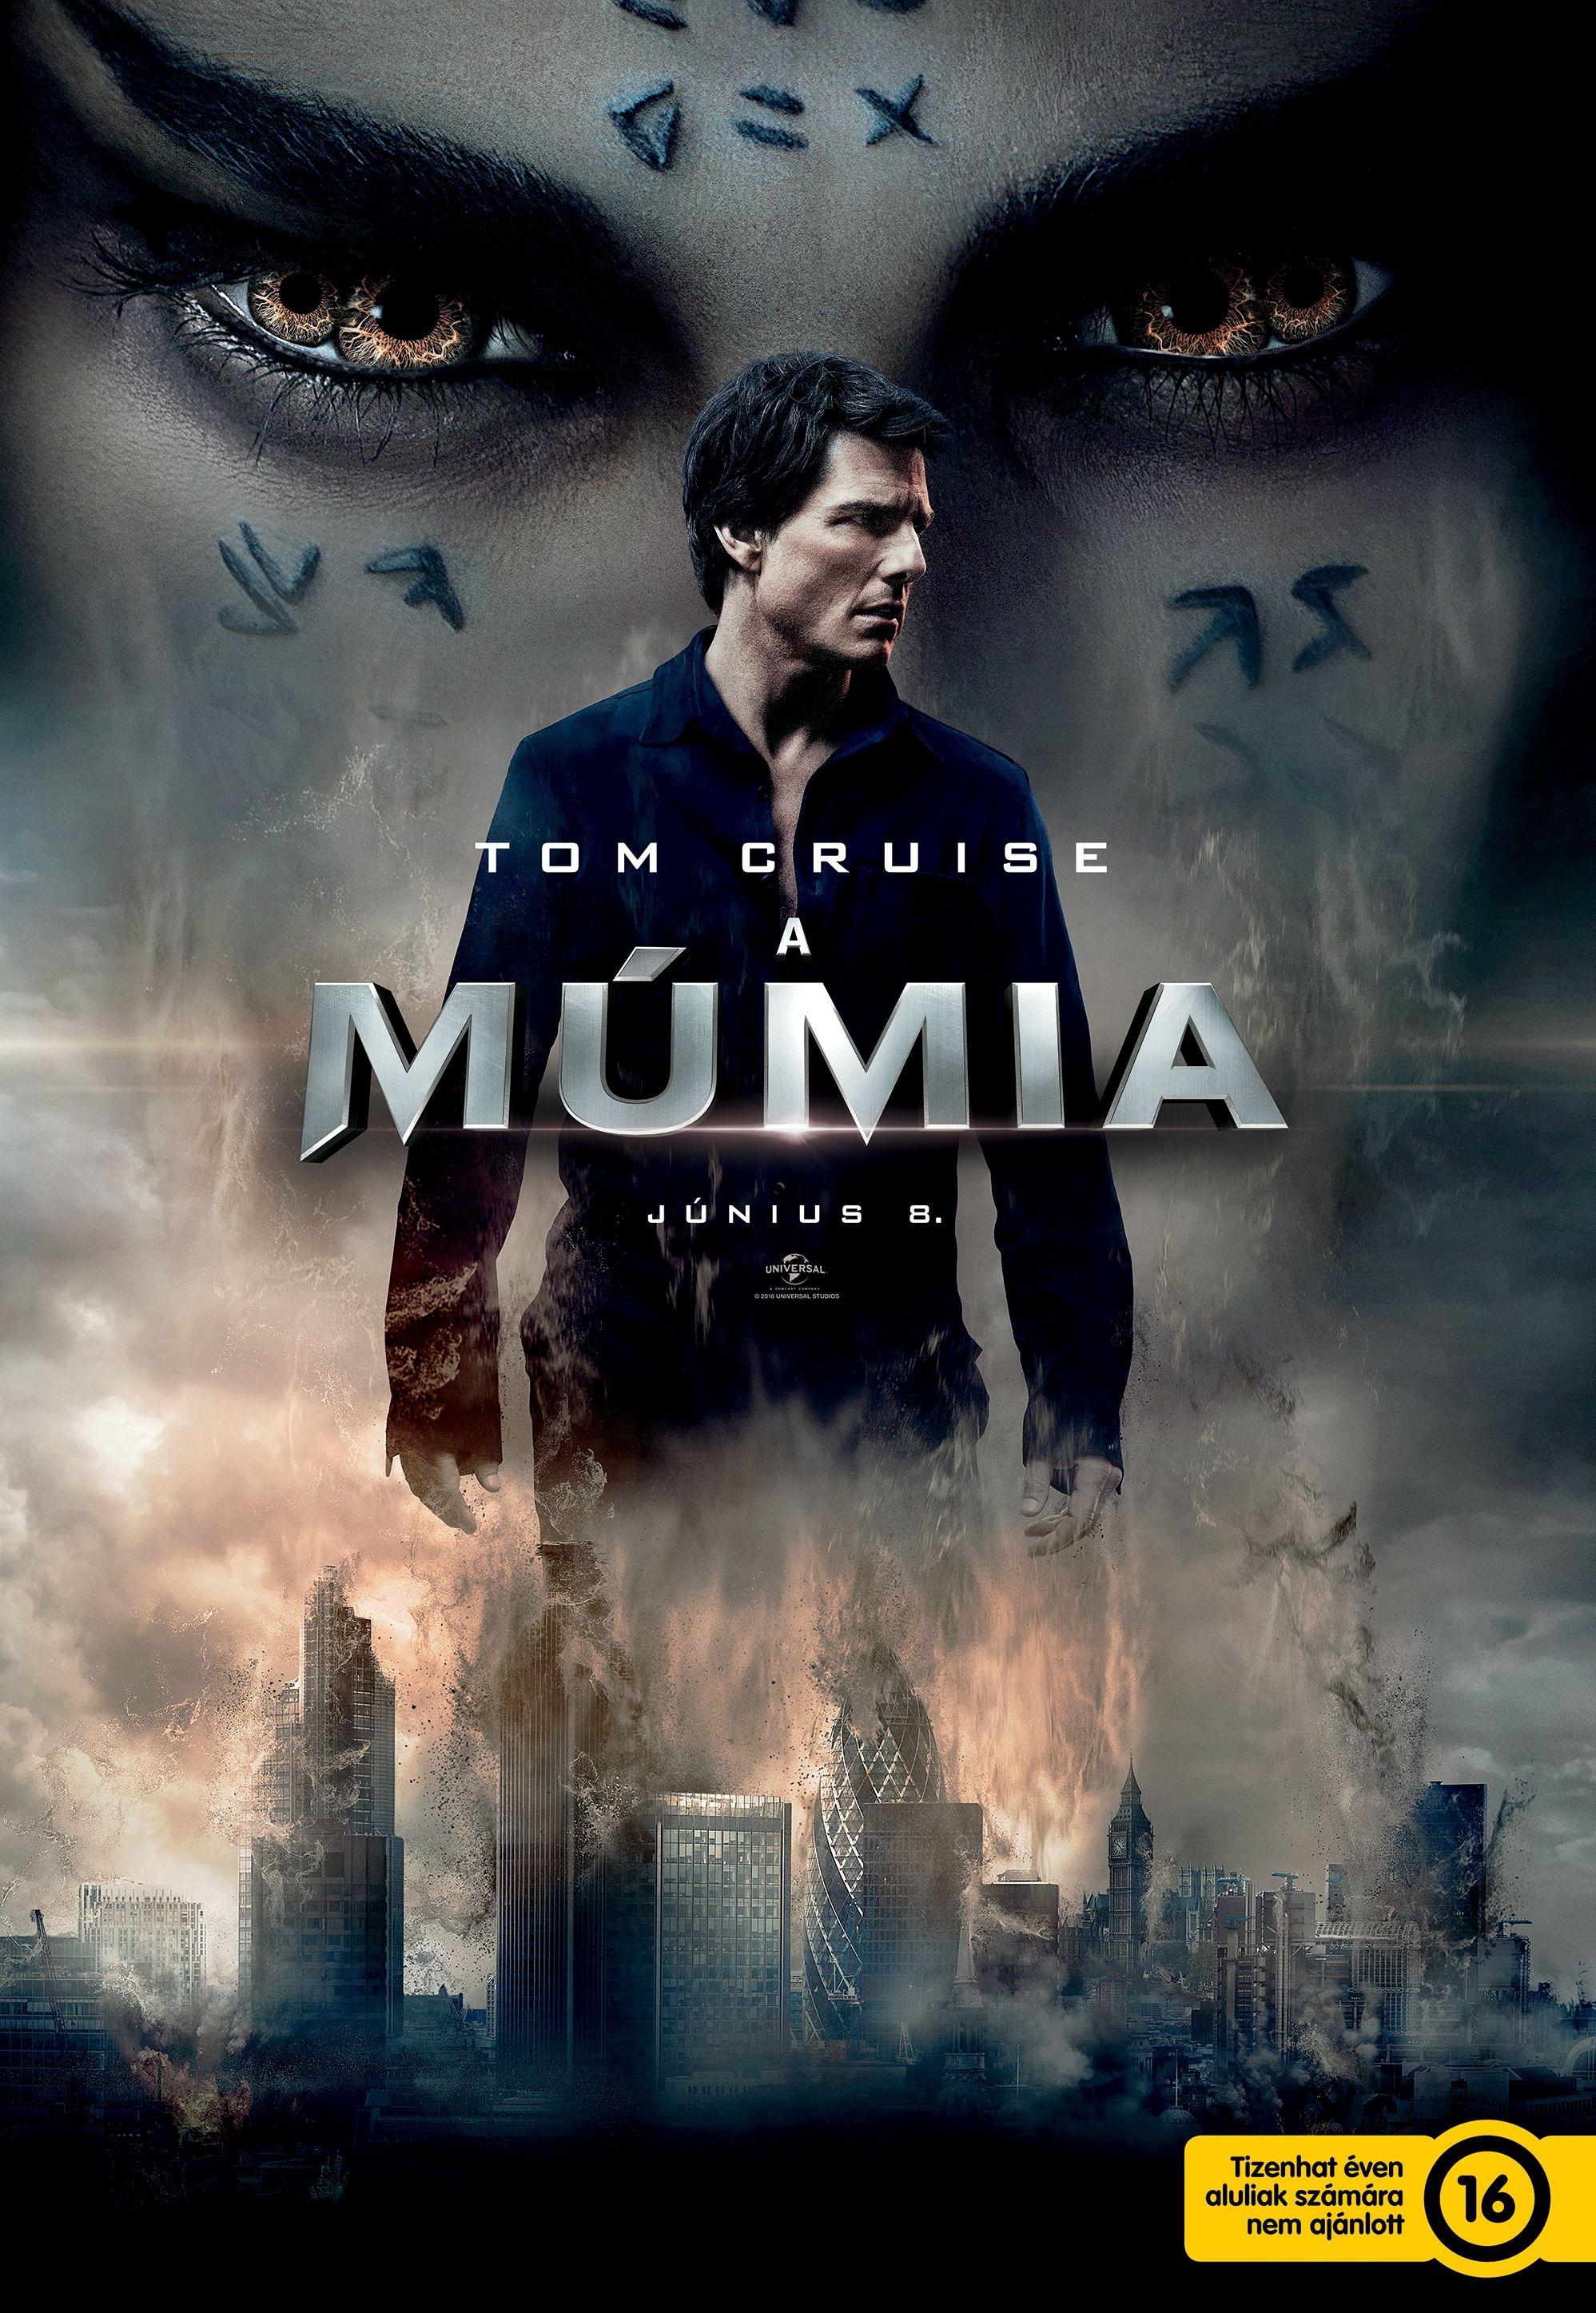 A Mumia